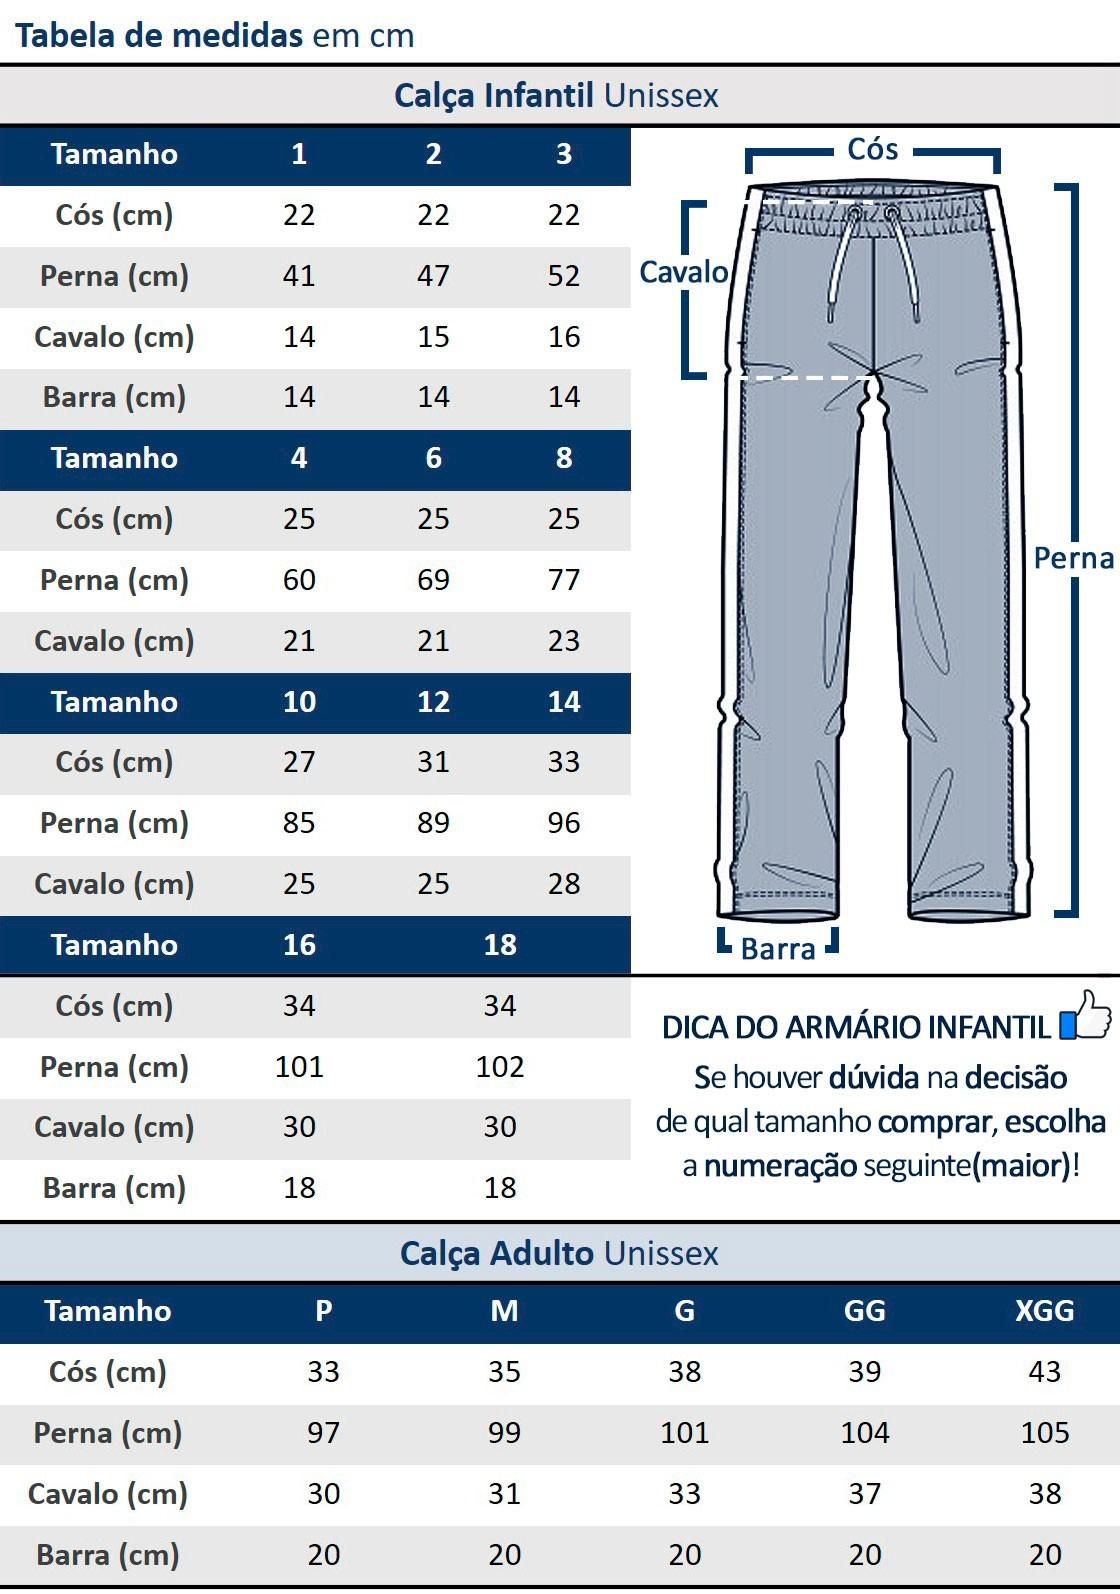 Calça De Moletom Infantil Feminina Flanelada Rosa Malwee: Tabela de medidas